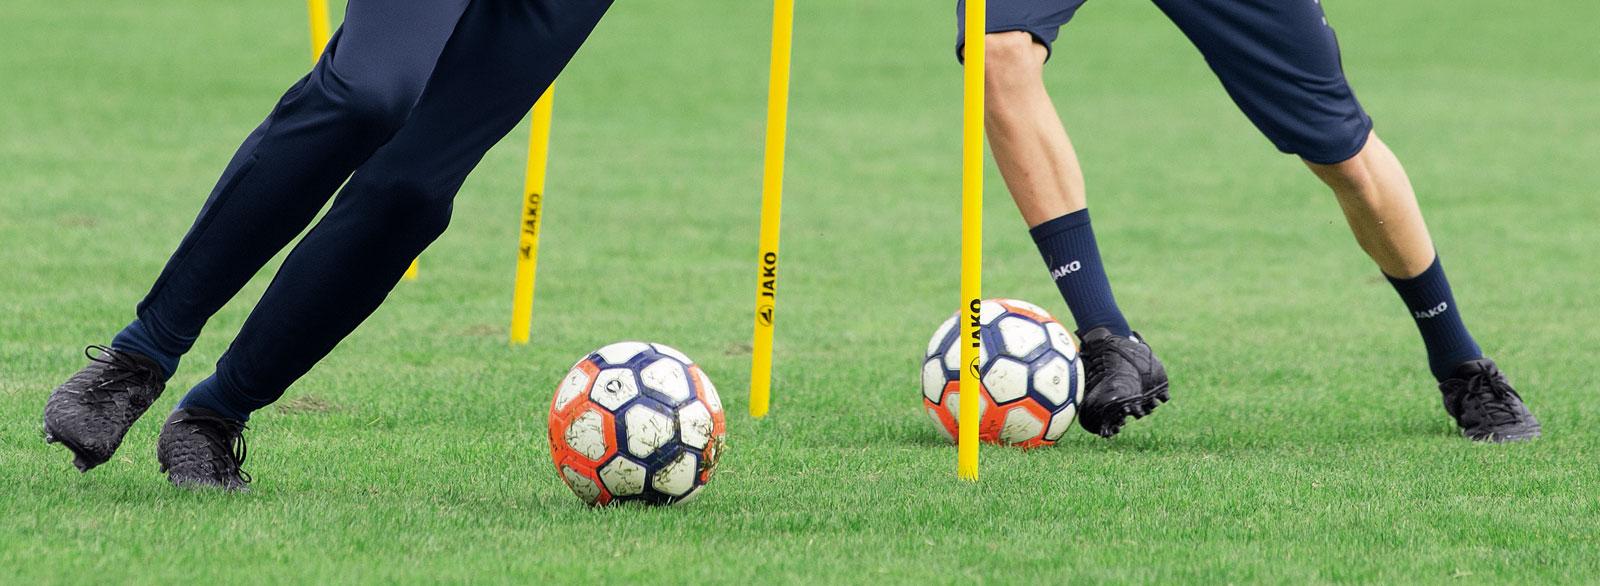 Balltester werden um als Verein kostenlos Fußbälle zu testen